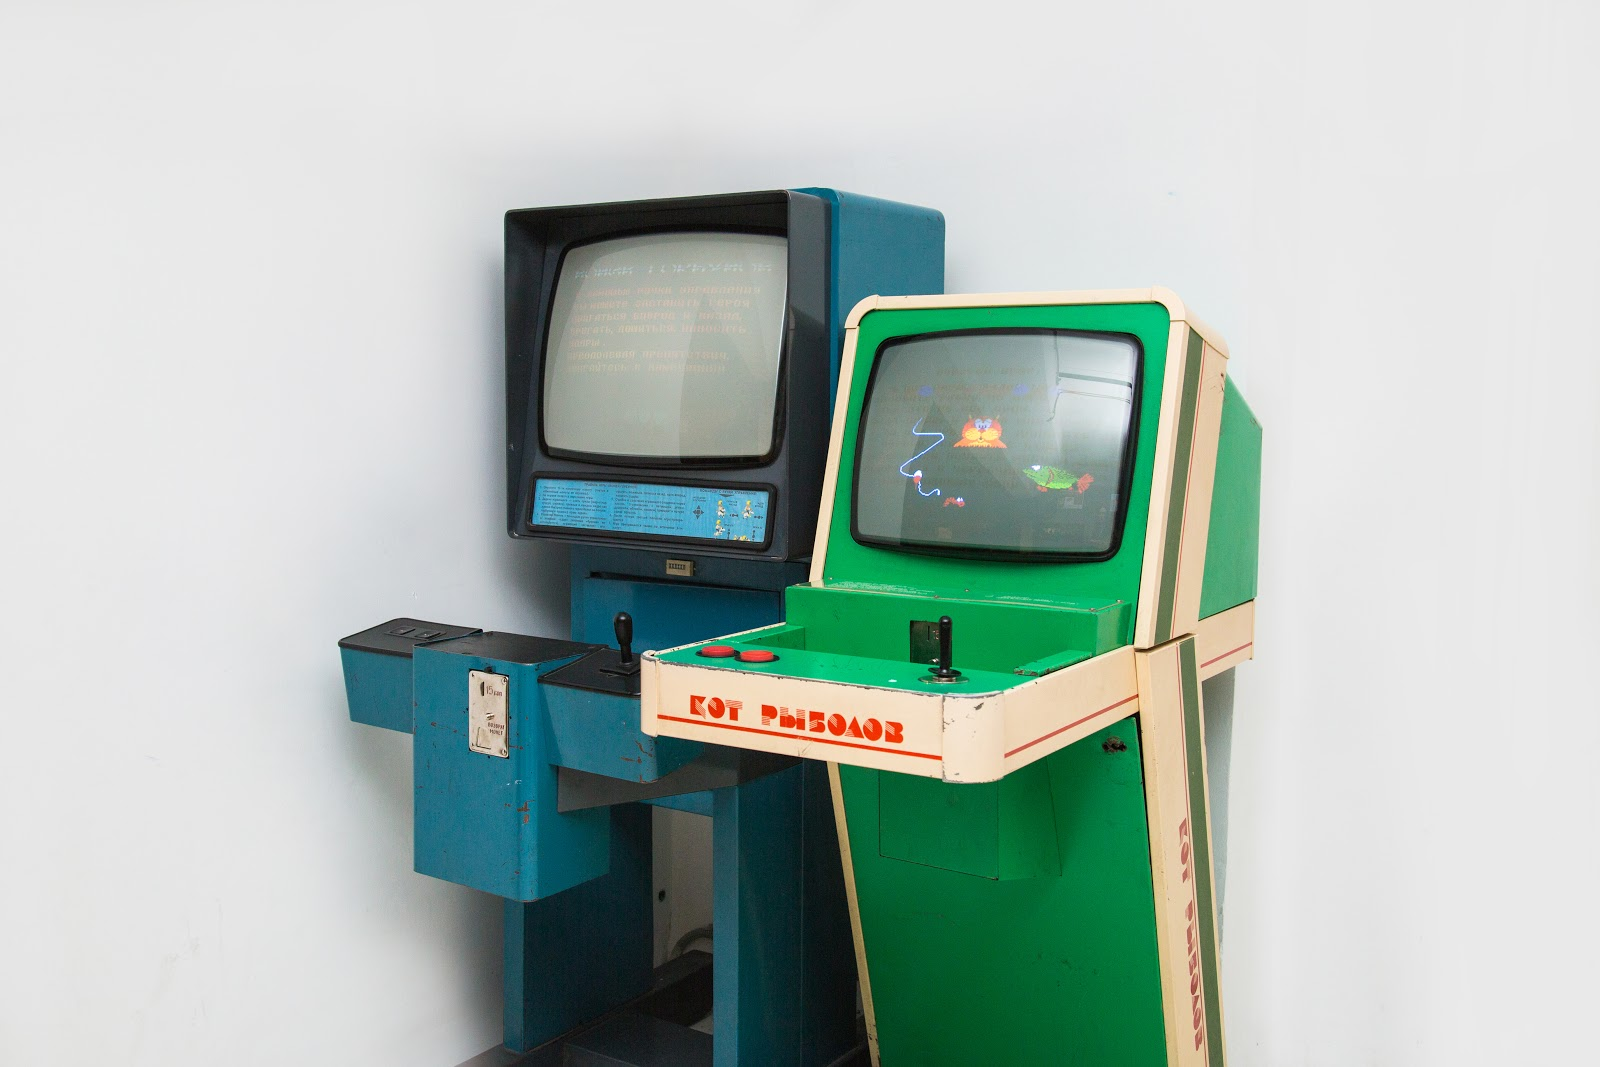 Игровые автоматы: откуда они взялись в СССР и как устроены - 10